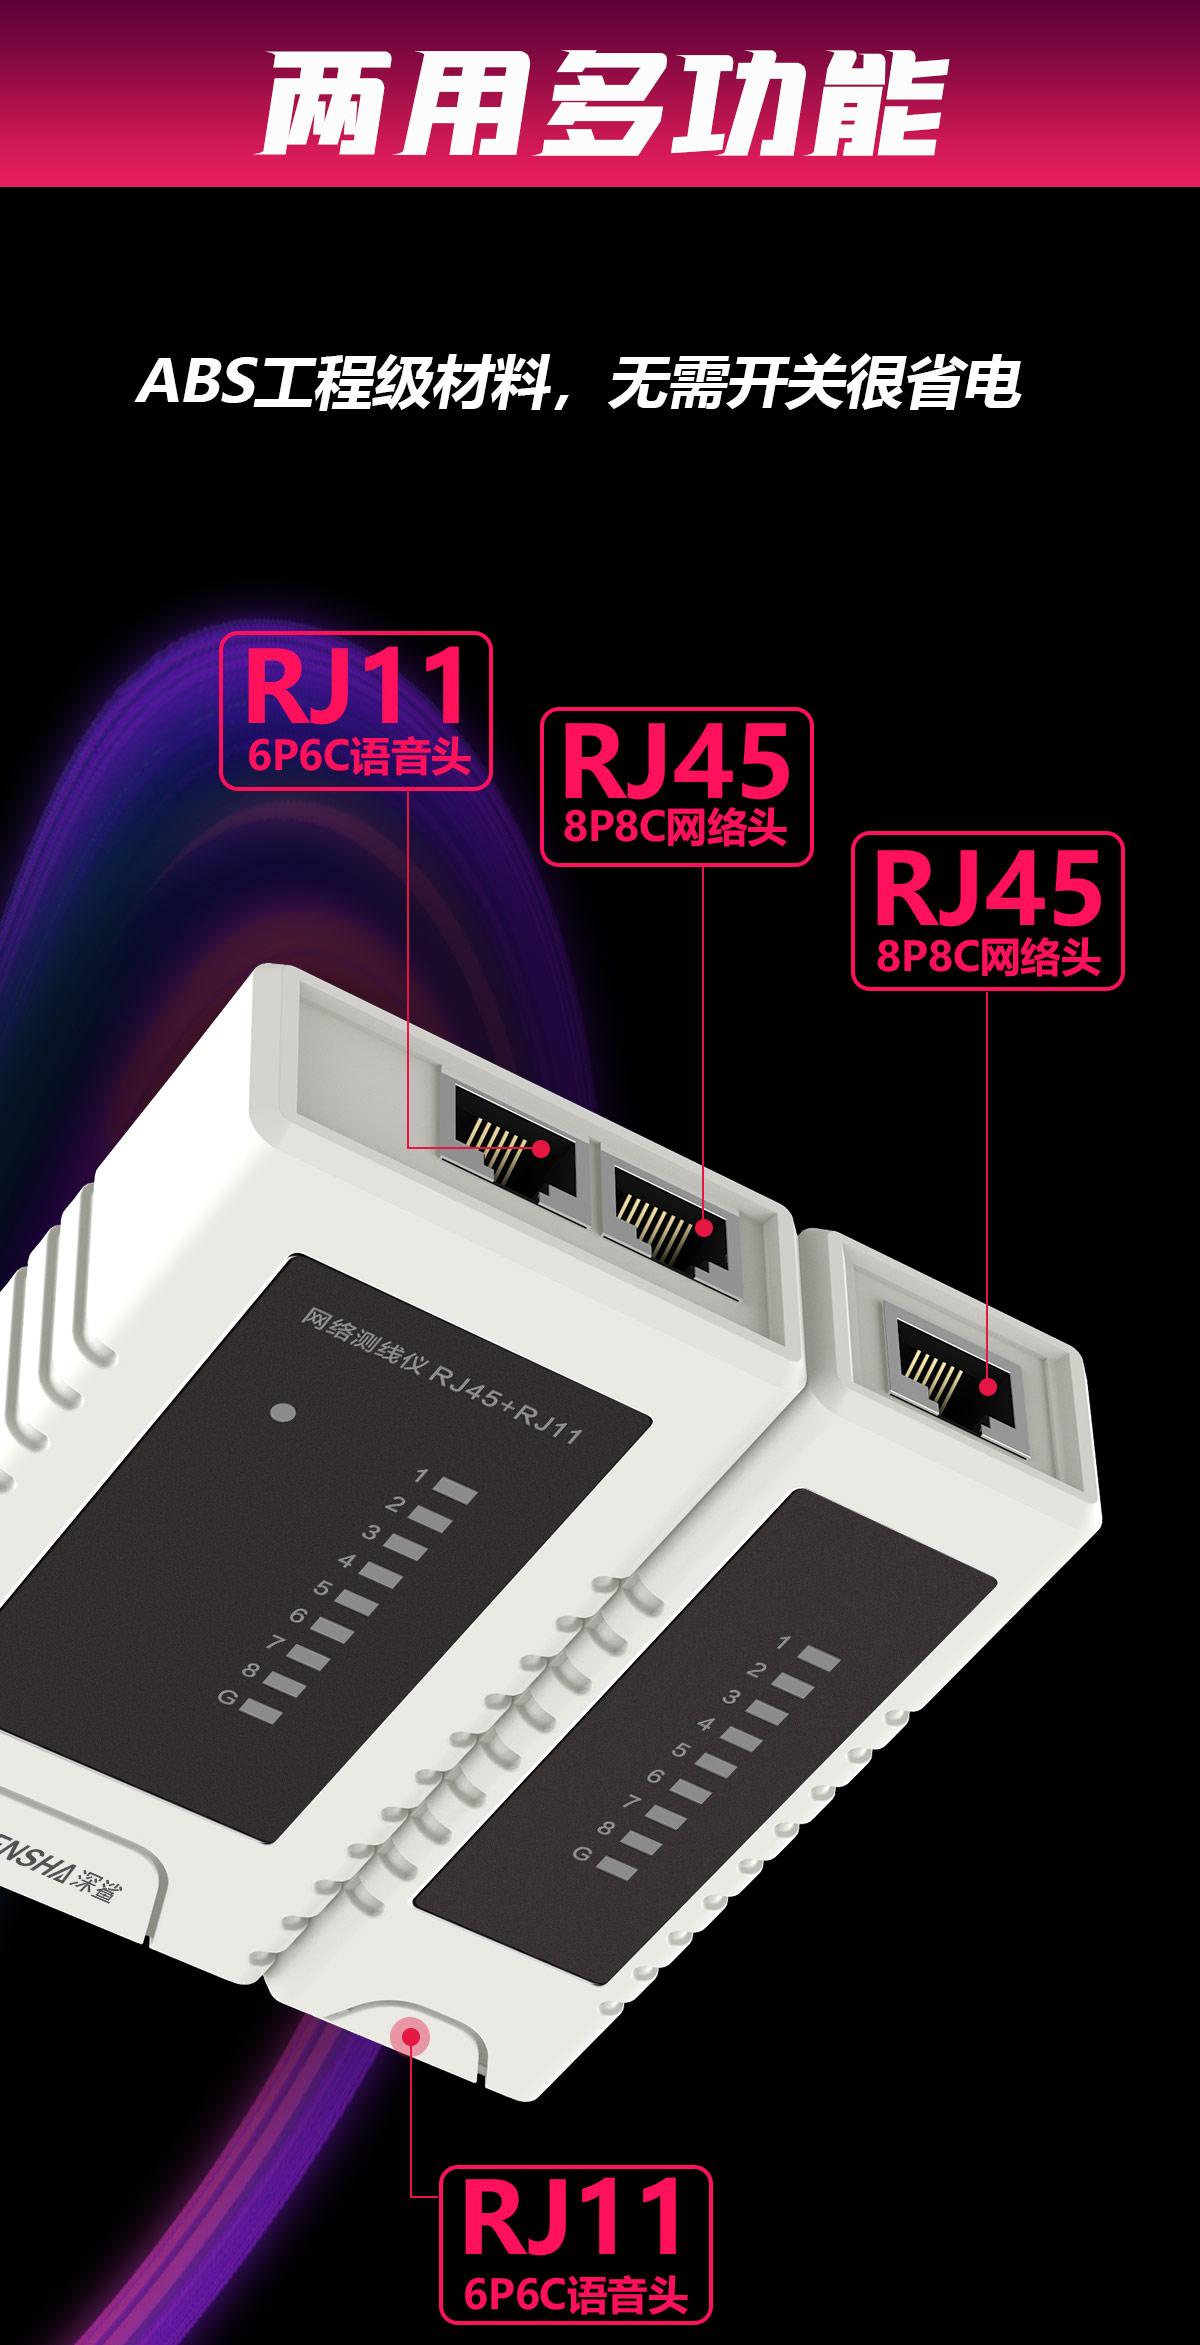 两用多功能 ABS工程级材料 无需开关很省电 RJ11 6p6c语音头 RJ45 8p8c网络投 RJ45 8p8c网络投 RJ11 6p6c语音头